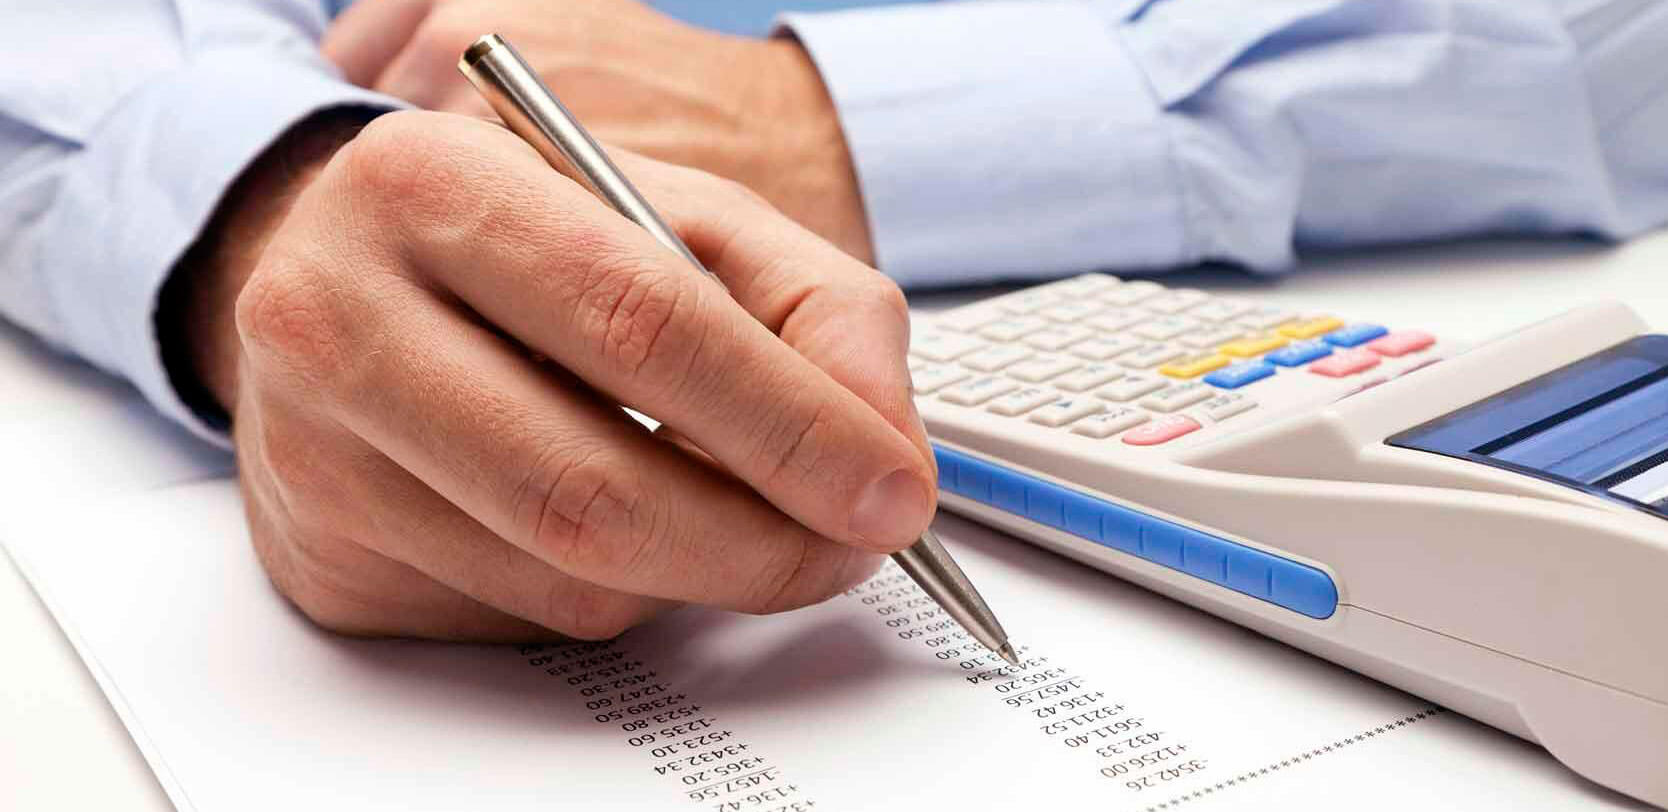 analista-fiscal2 Analista fiscal: tenha análises em tempo real das contas financeiras da sua indústria